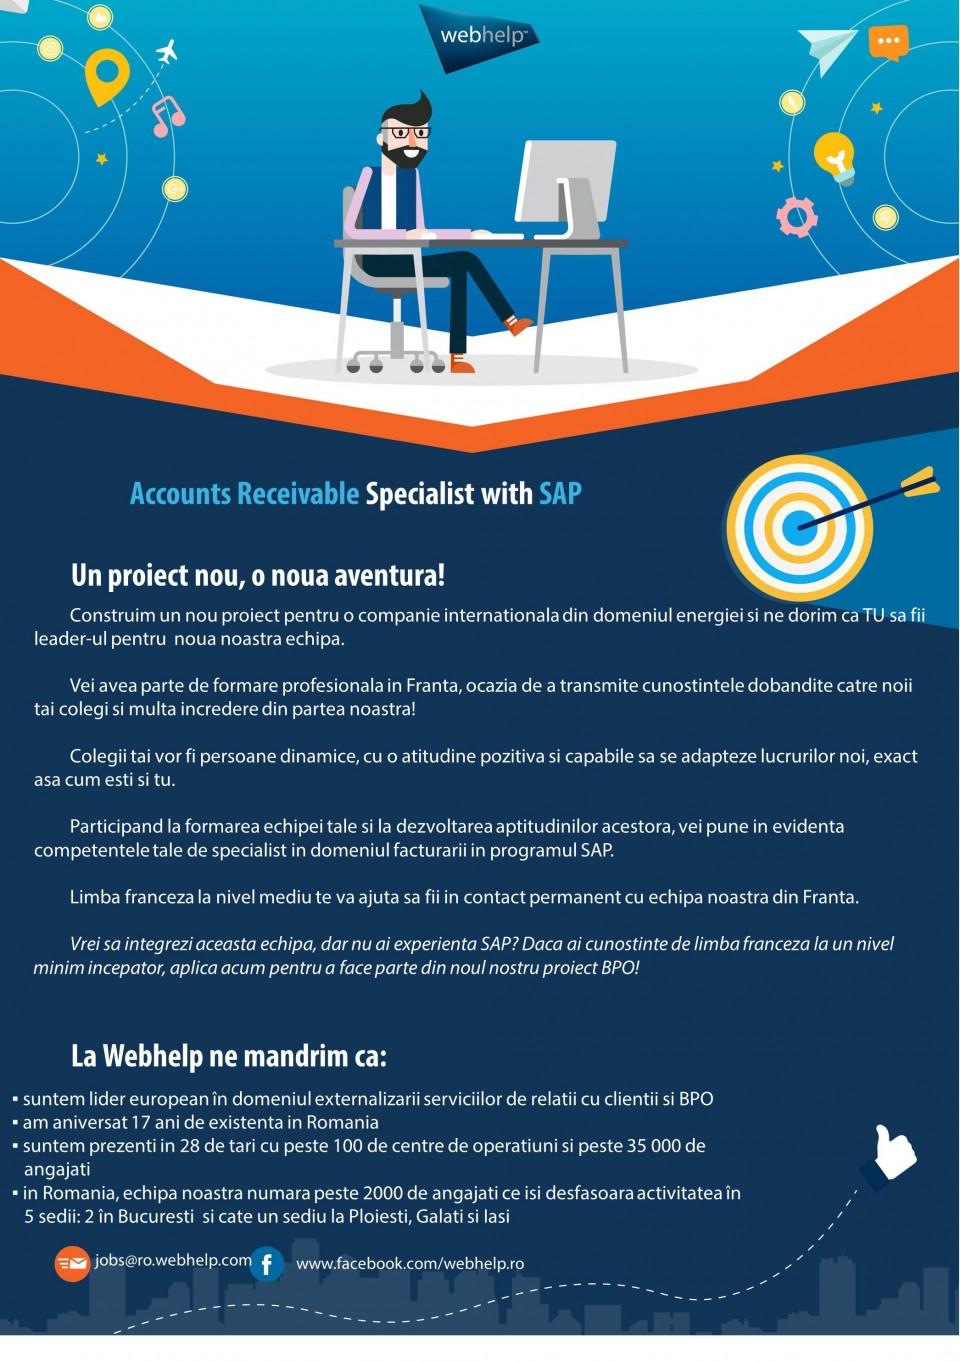 DESCRIPTION DE L'ENTREPRISE :Webhelp est un leader mondial de l'expérience client et de l'externalisation des processus métier (BPO) spécialisé dans les interactions entre les entreprises et leurs clients - pour une expérience client convaincante dans tous les canaux. Une partie du portefeuille d'externalisation de Webhelp est en outre des services dans les domaines du traitement des paiements, de la distribution et du marketing.Plus de 35 000 collaborateurs sur plus de 100 sites dans 28 pays travaillent à l'amélioration permanente des relations avec la clientèle en appliquant des concepts omnidirectionnels basés sur la technologie et aidant ainsi les clients à accroître durablement leurs résultats. Les marques comme Sky, Shop Direct, Bouygues, Direct Energie, KPN, Vodafone, La Redoute, Michael Kors, Valentino font confiance à Webhelp depuis des années et à travers les frontières géographiquesBasée à Paris, la société a augmenté son chiffre d'affaires de plus de 250% au cours des 4 dernières années, en investissant dans ses employés, dans l'environnement de travail et en développant ses capacités analytiques et opérationnelles pour proposer une solution transformationnelle d'outsourcing répondant aux défis d'un monde omni-canal. Depuis mars 2016, l'investisseur financier KKR détient une participation dans Webhelp.Pour de plus amples informations, consulter le site www.webhelp.com.